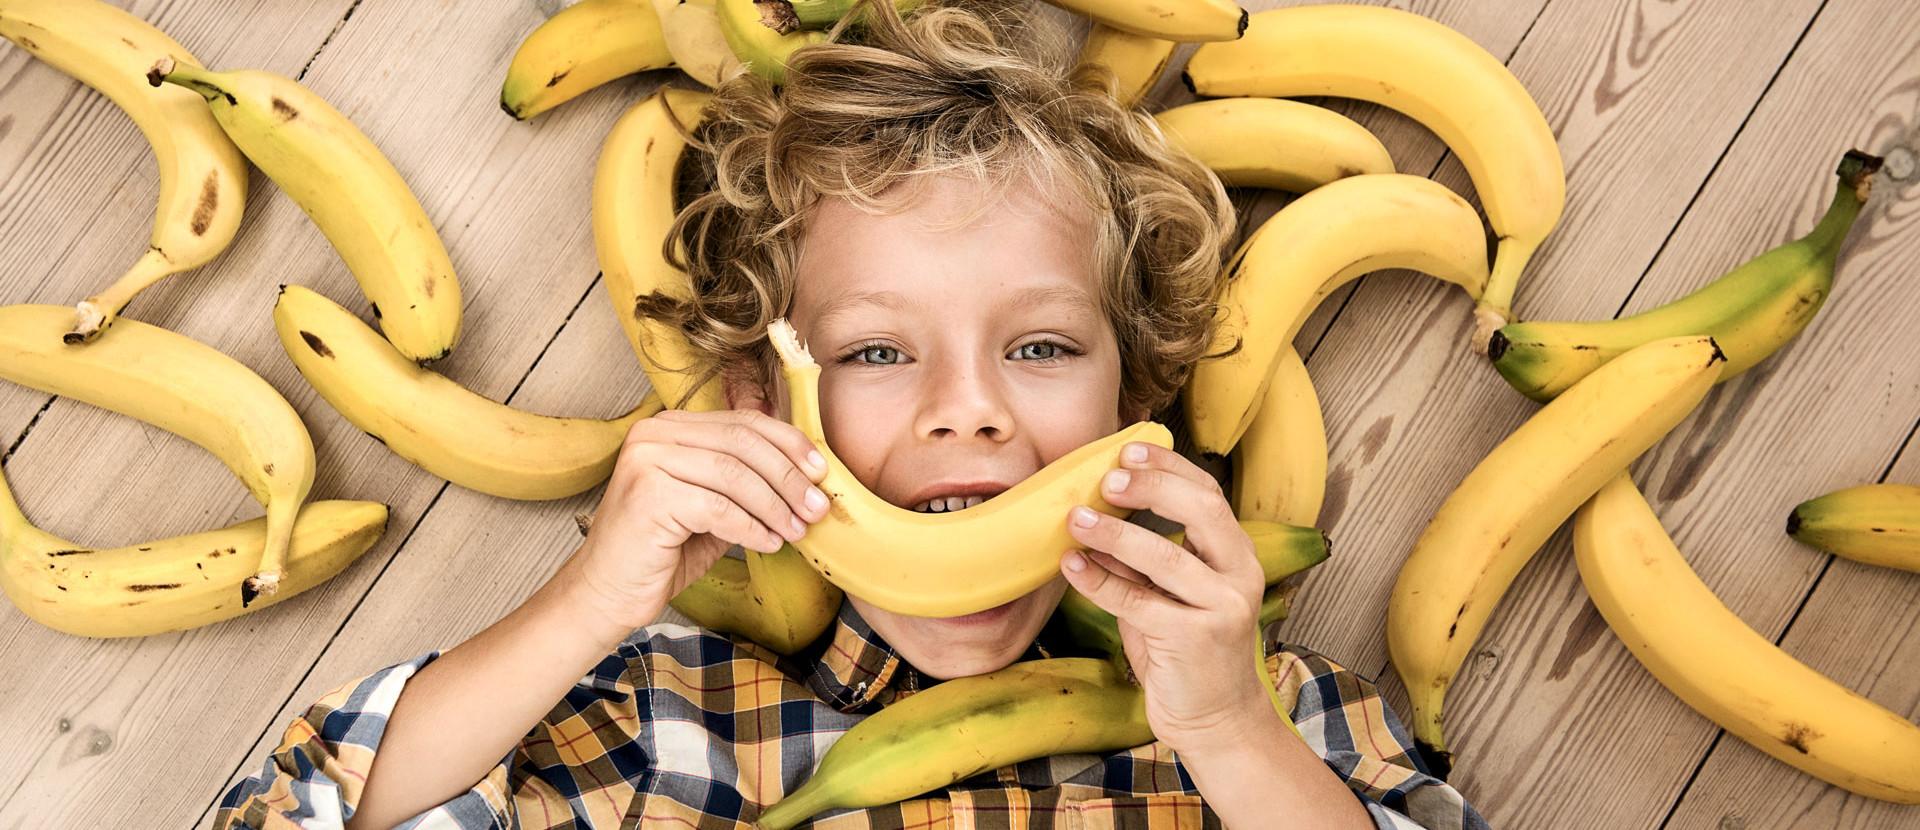 Junge liegt auf Holzboden mit Bananen